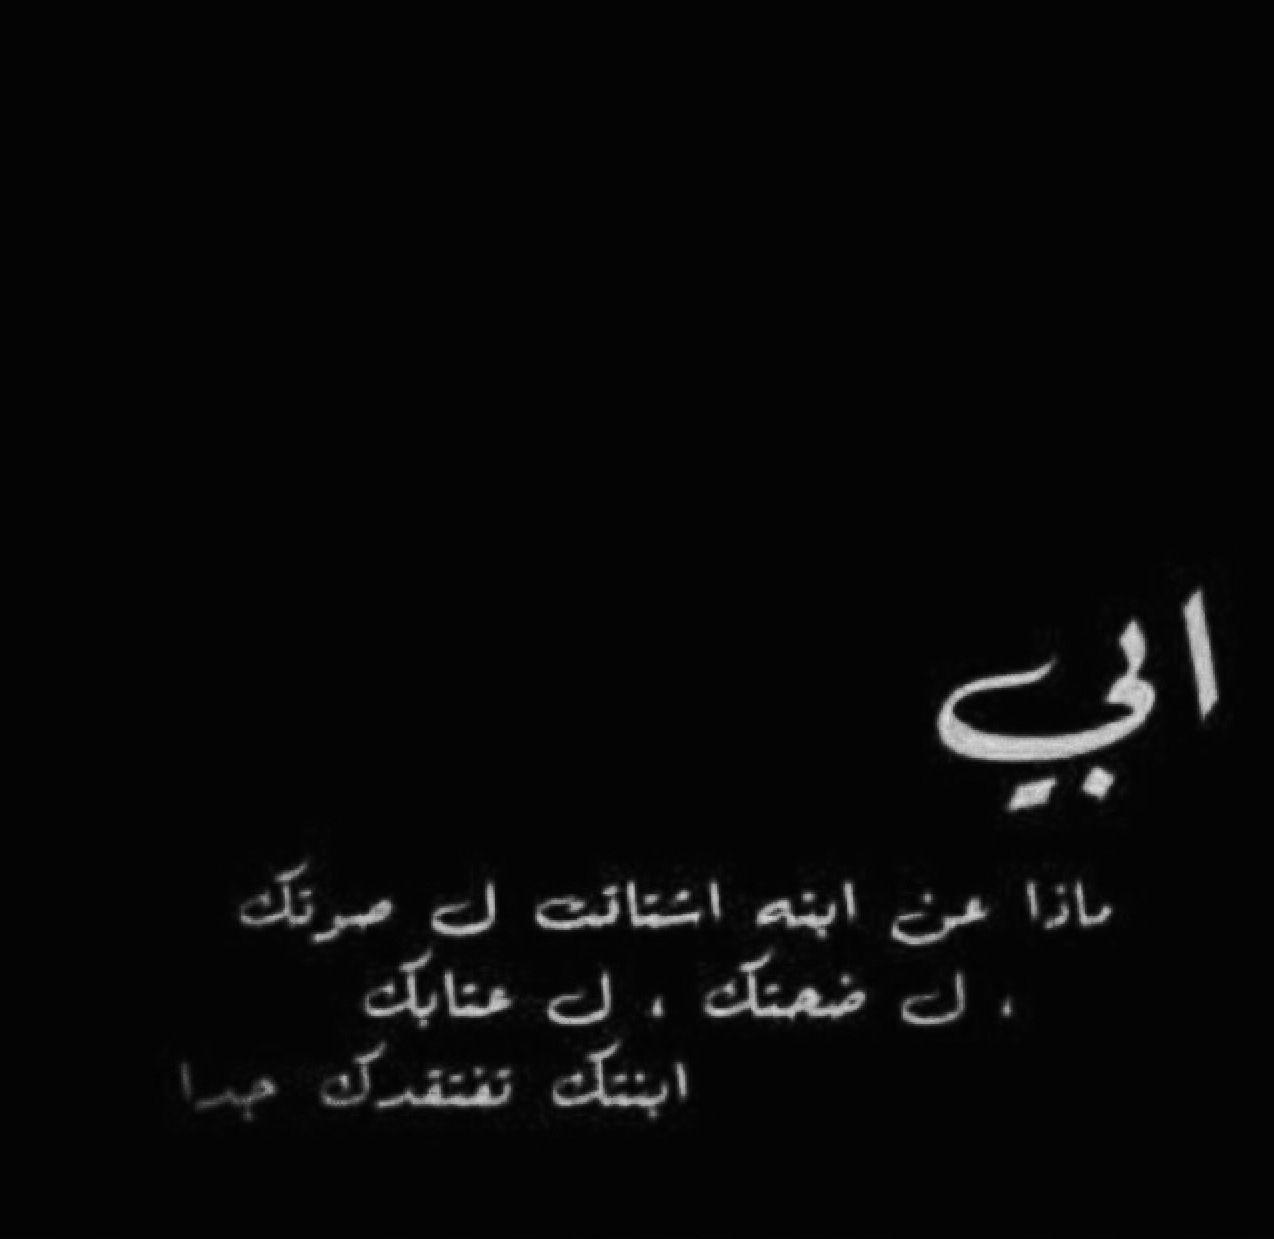 صورة شعر عن فراق الاب الميت , اشعار موجعة عن الاب المتوفى